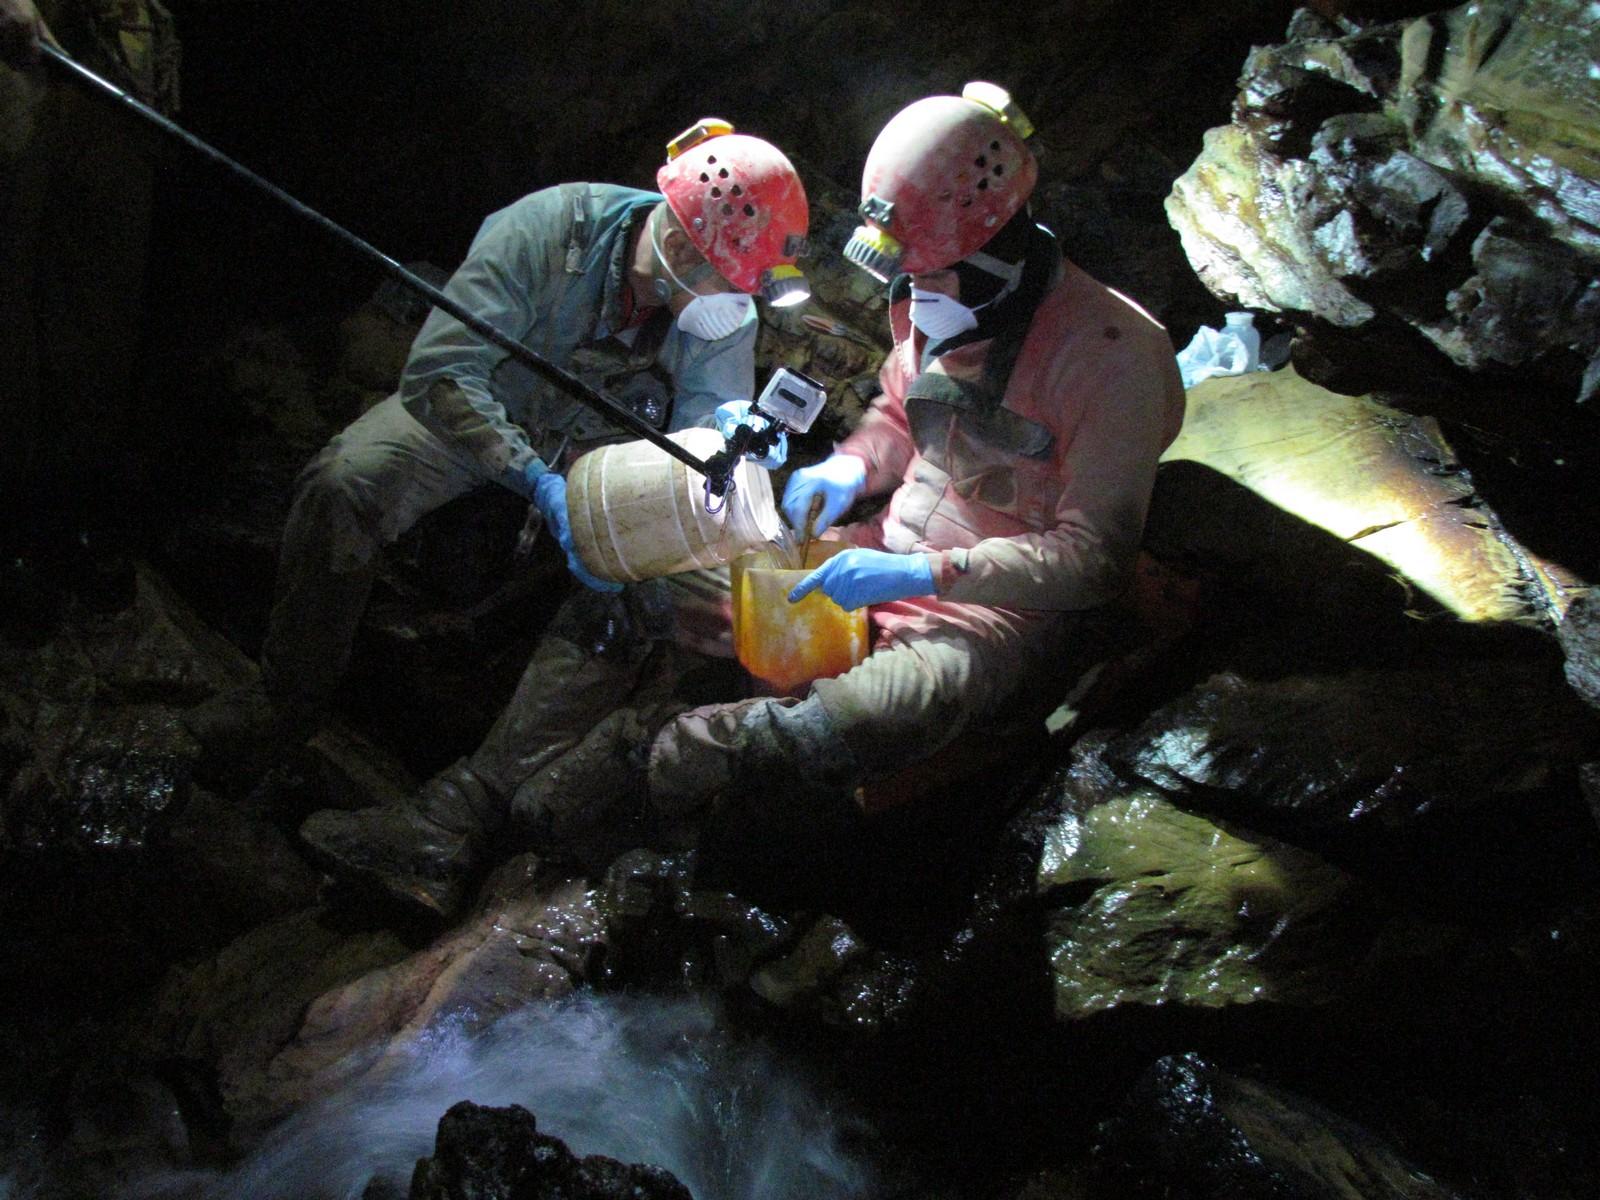 Il tracciante viene sciolto in acqua (foto Luana Aimar)